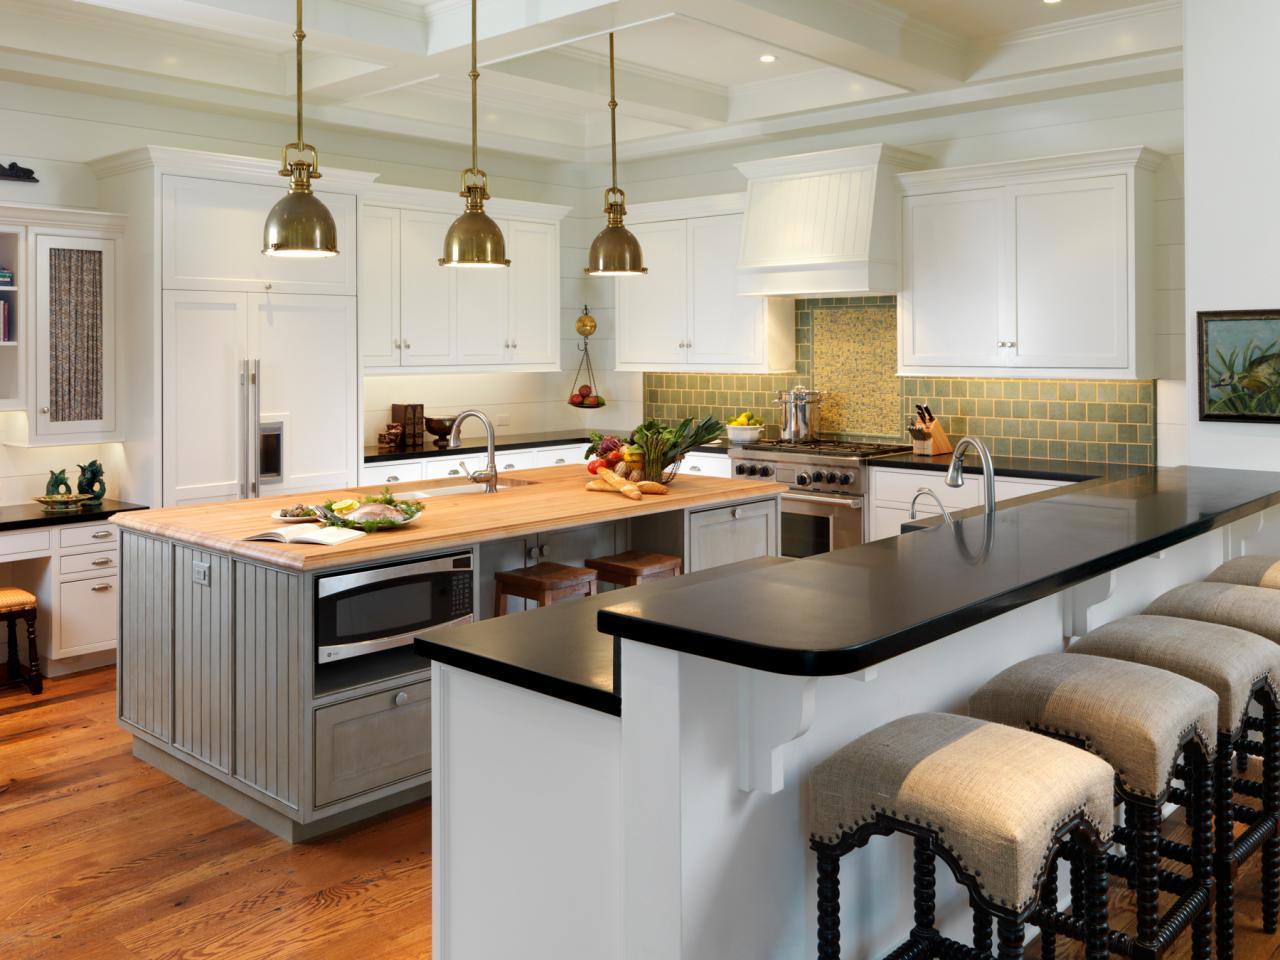 Дизайн кухни с барной стойкой и черной столешницей